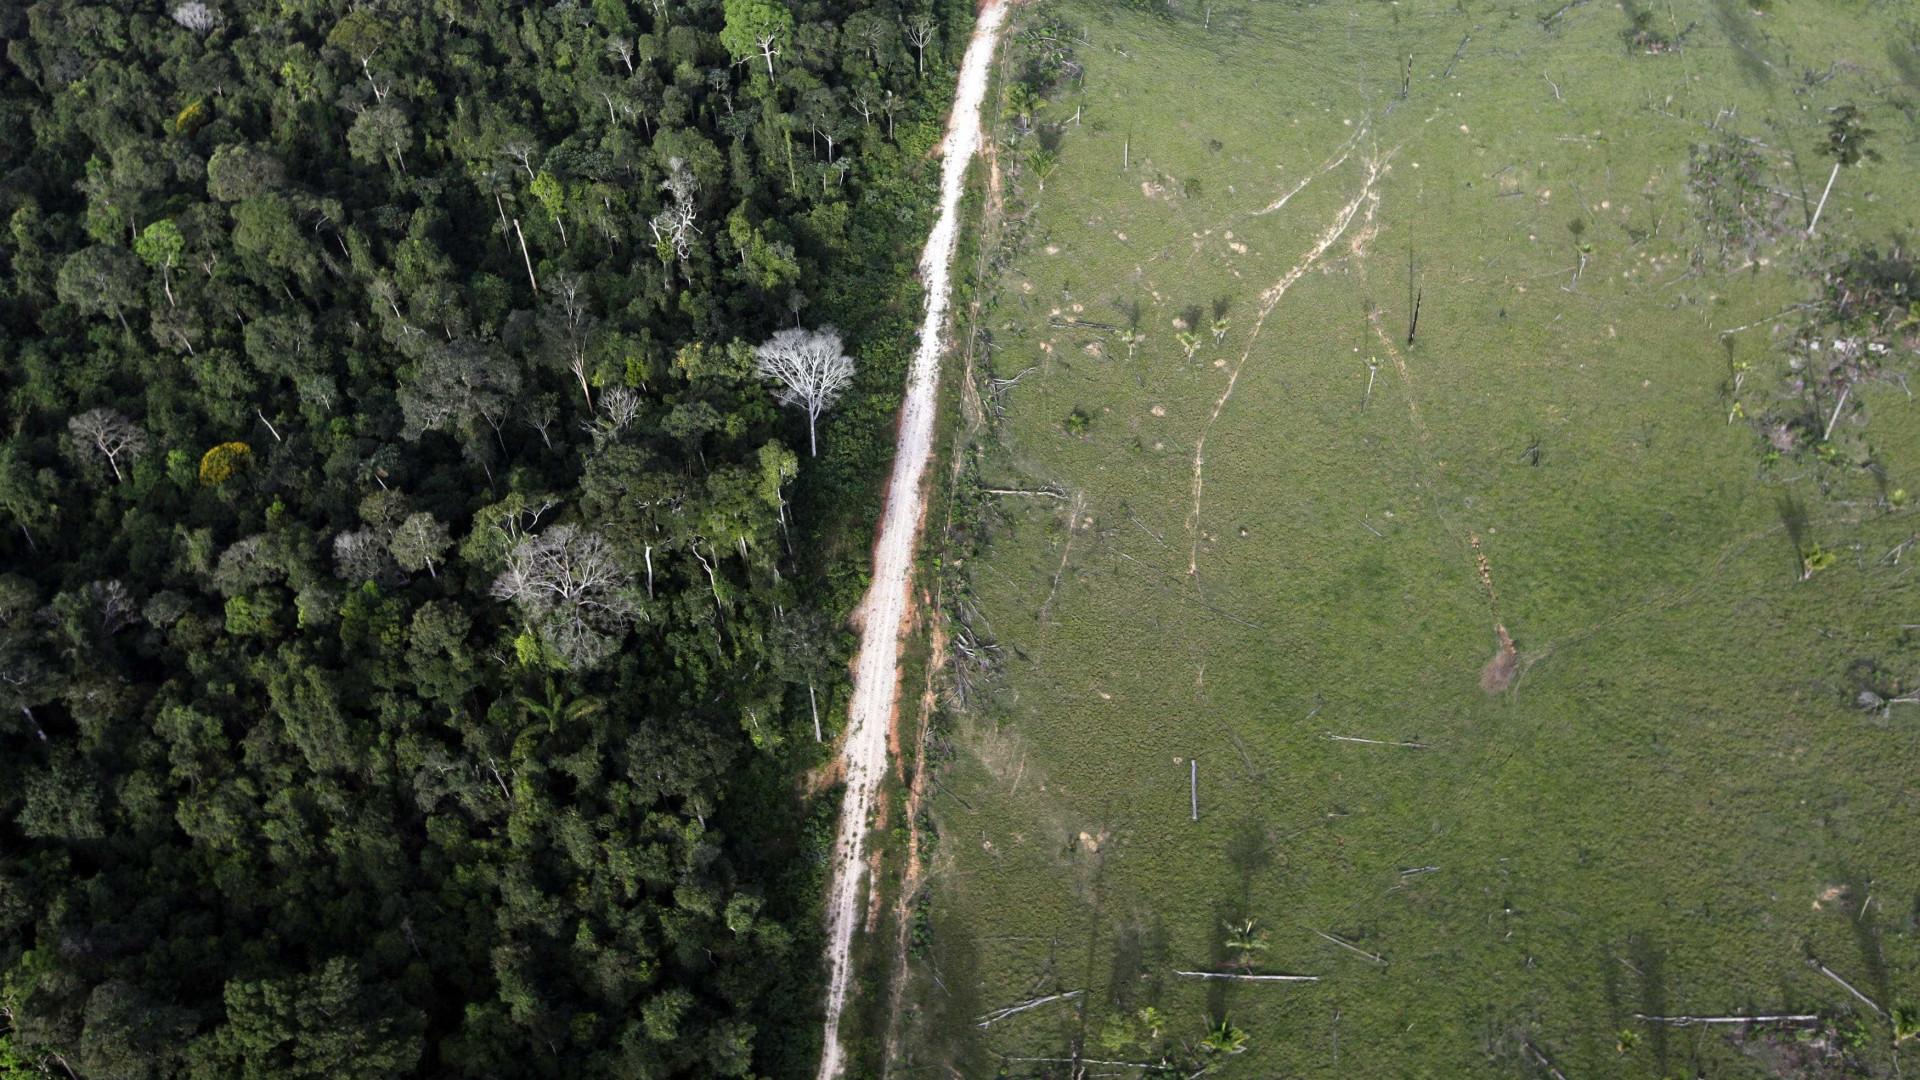 Retrocesso ambiental no Brasil pode custar R$ 20 tri ao resto do mundo